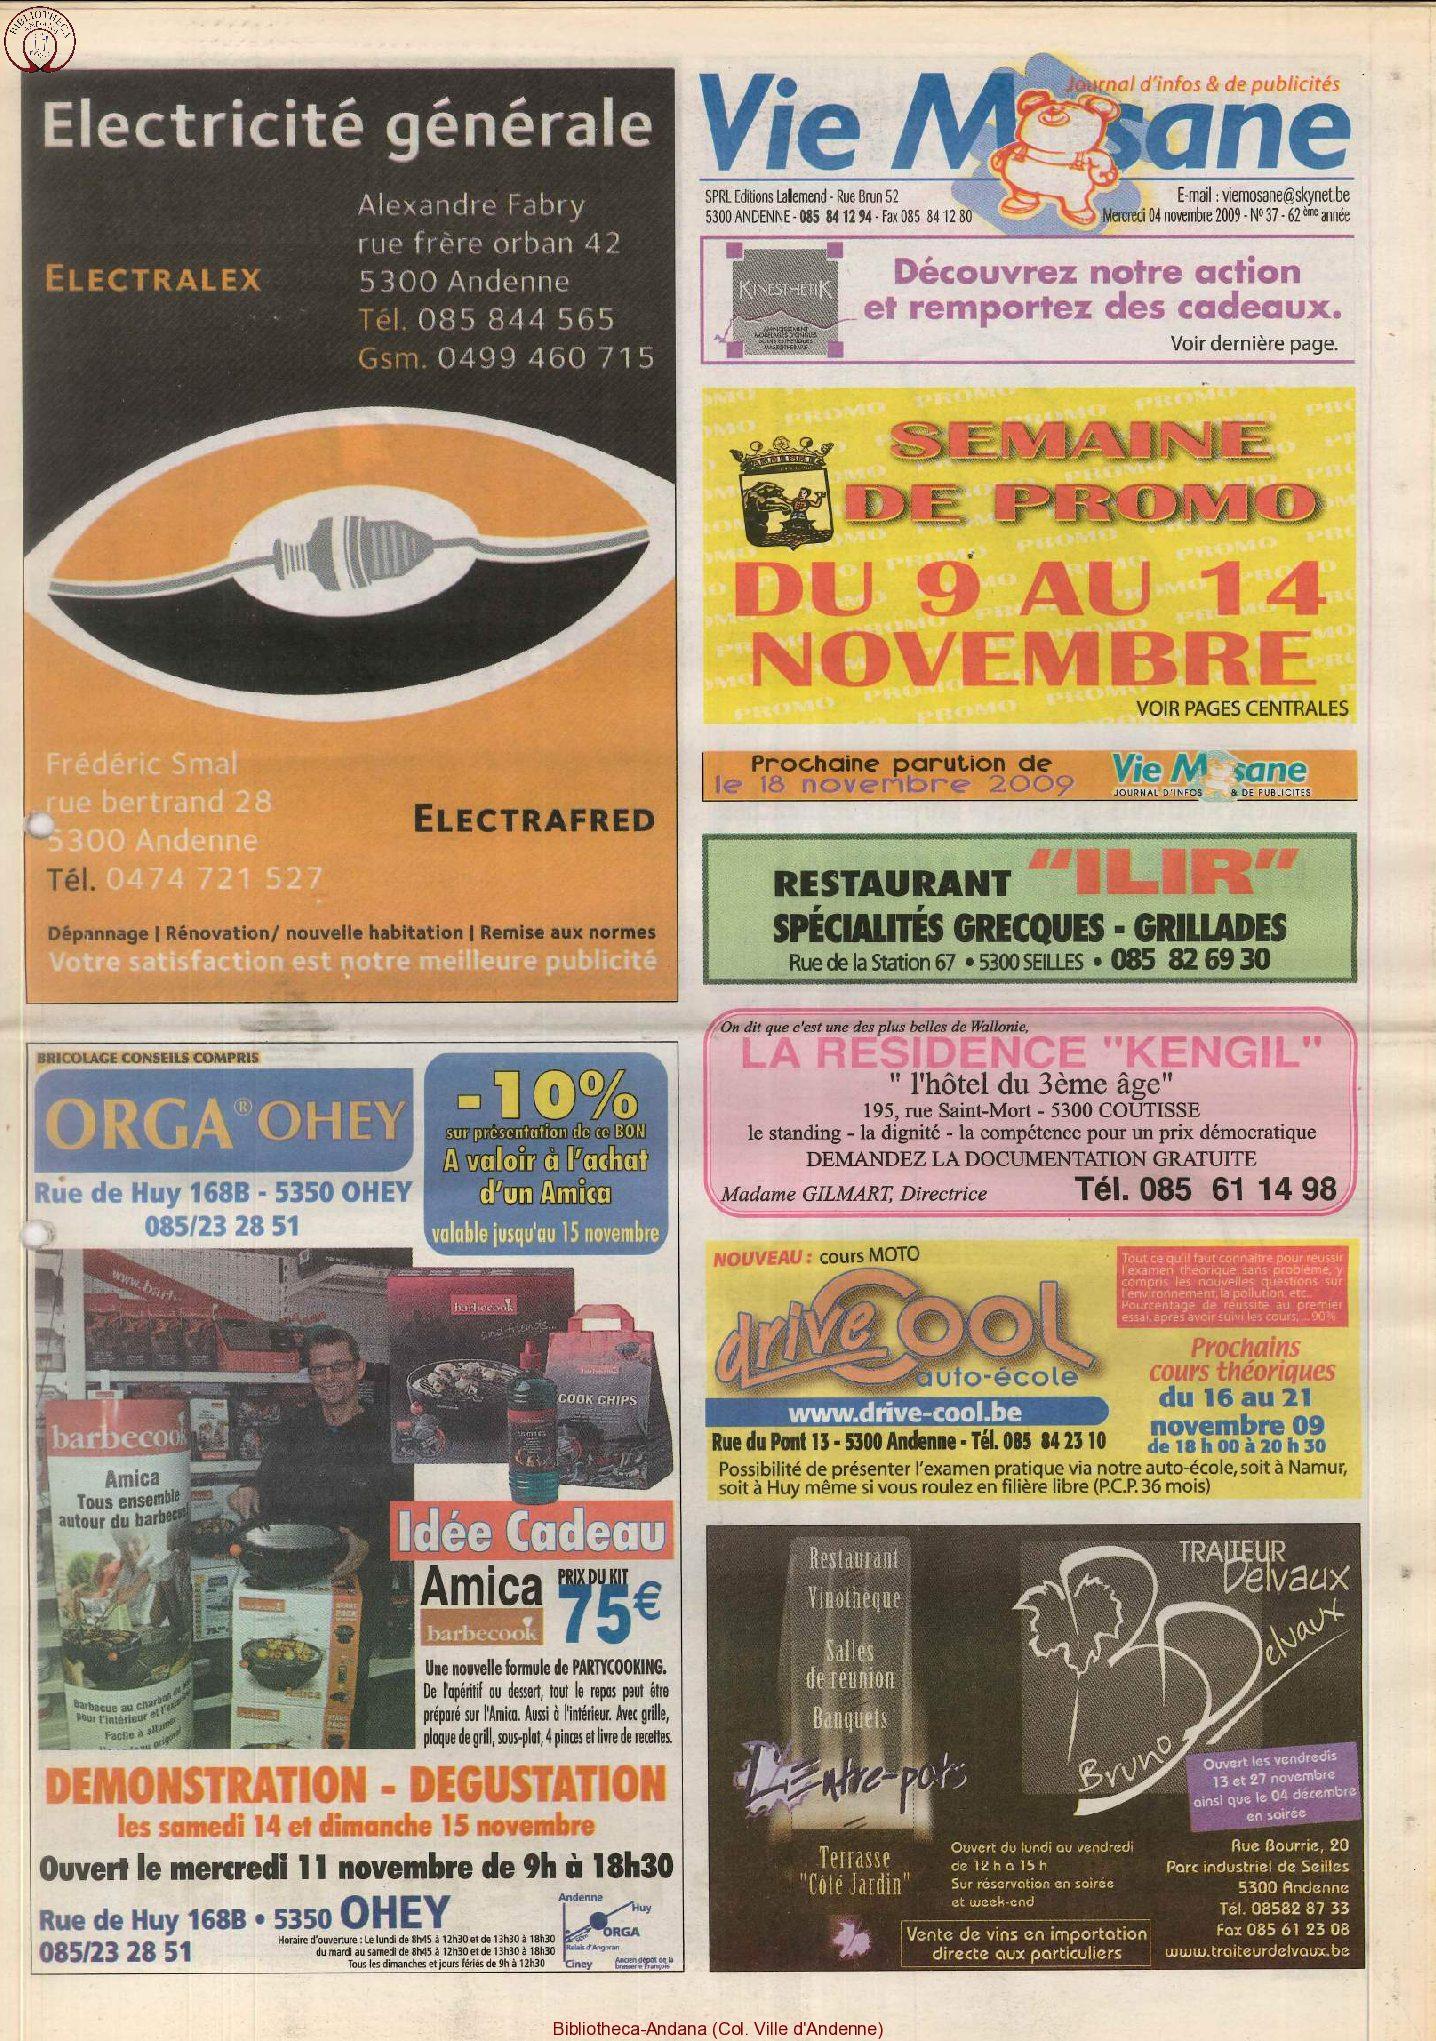 62e année - n°37 - 4 novembre 2009